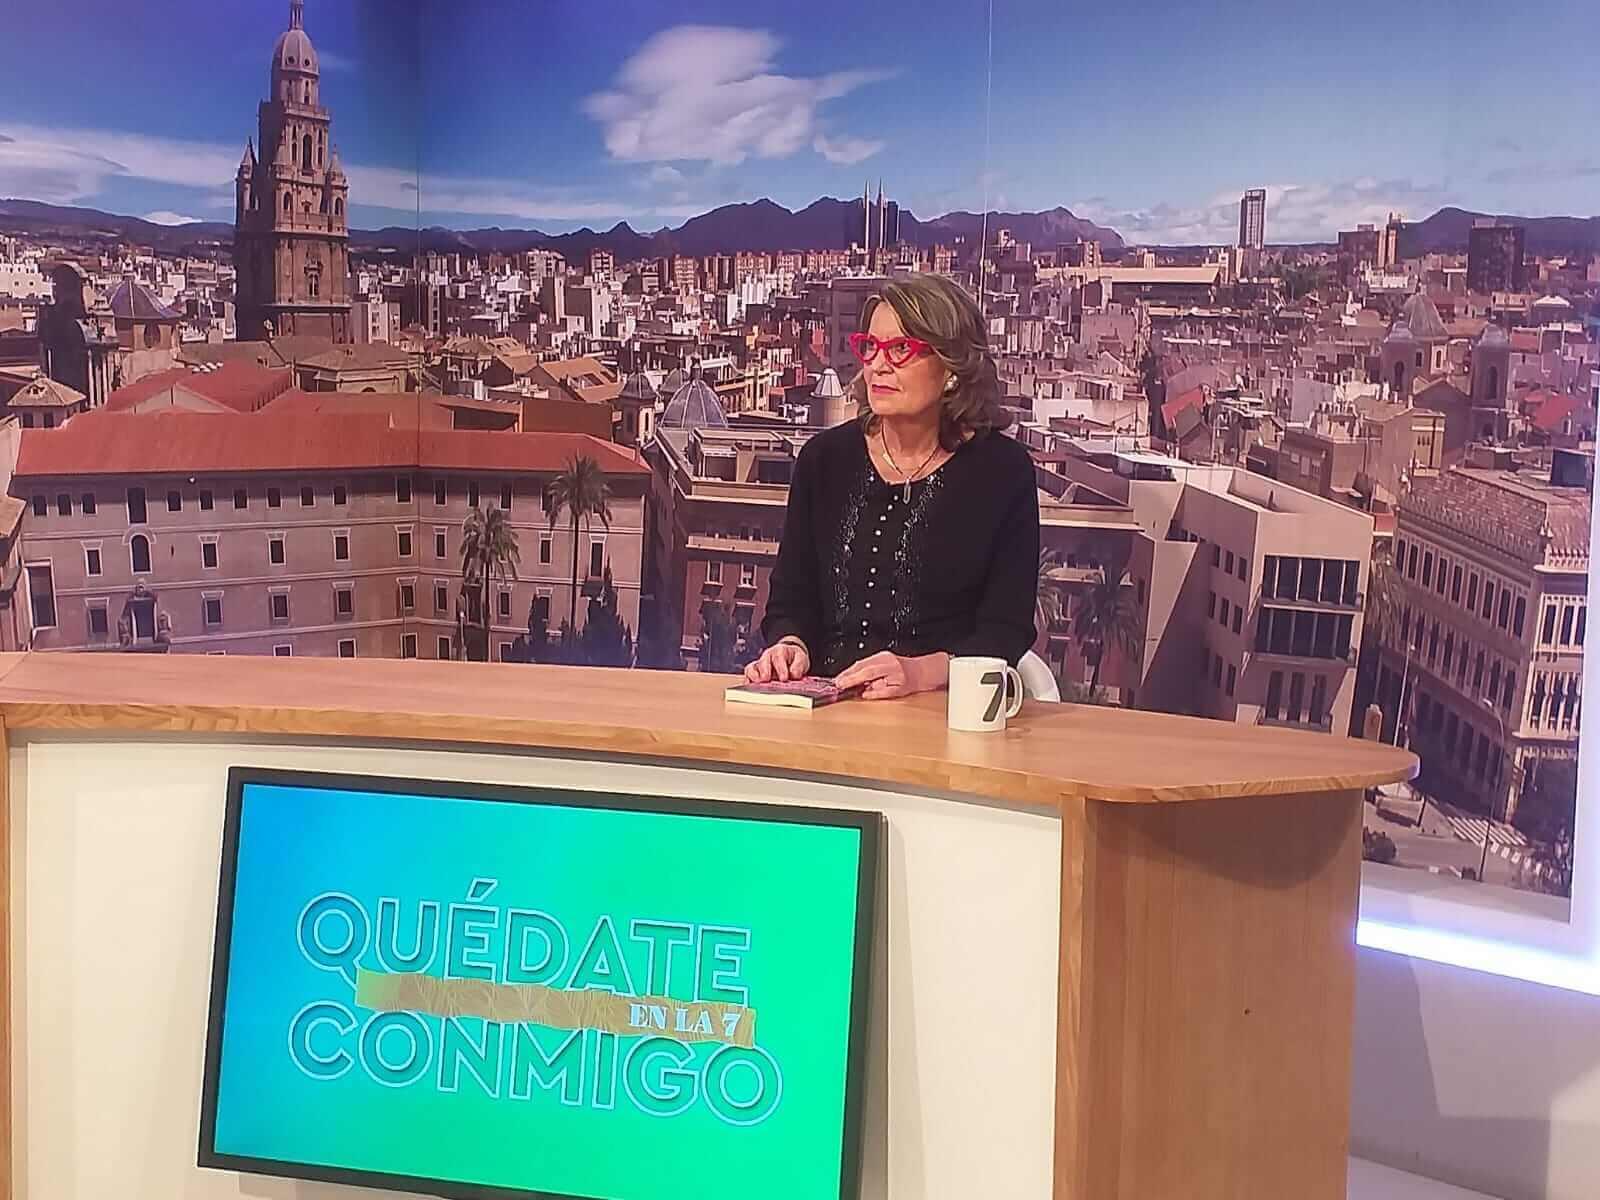 entrevista tele autora editorial ecu